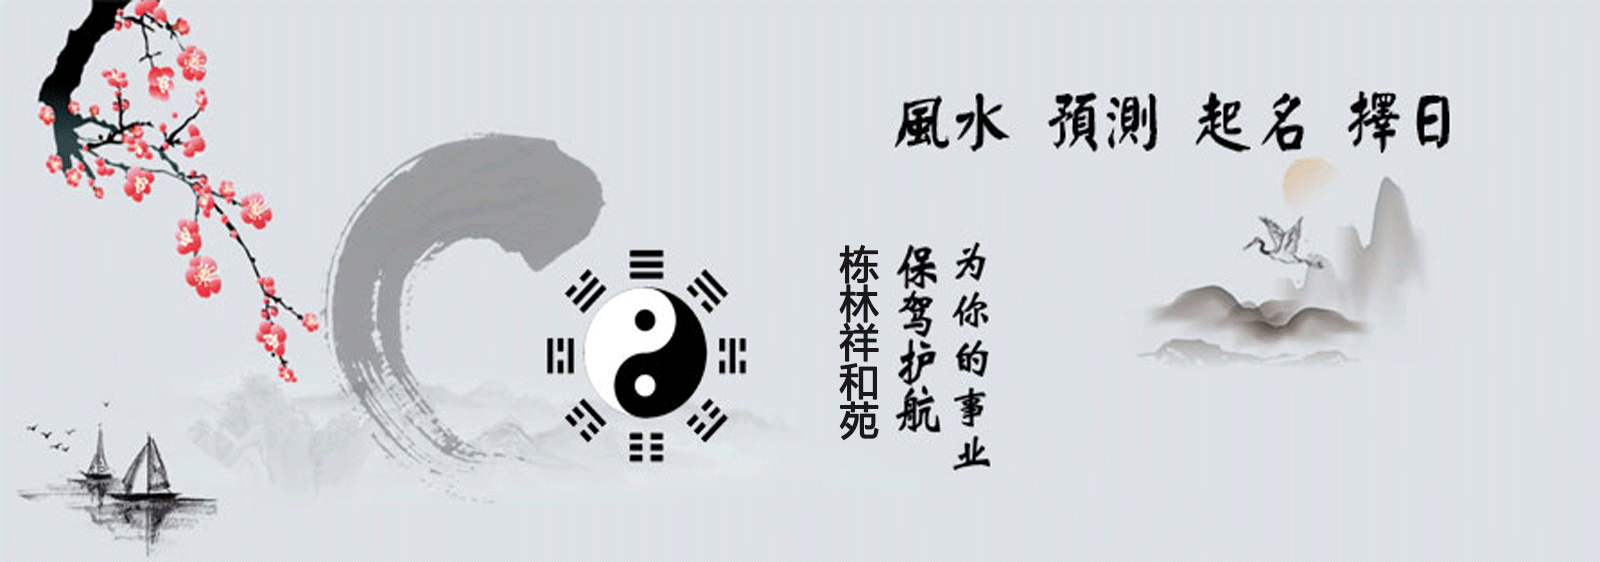 贵州风水万博体育下载安装